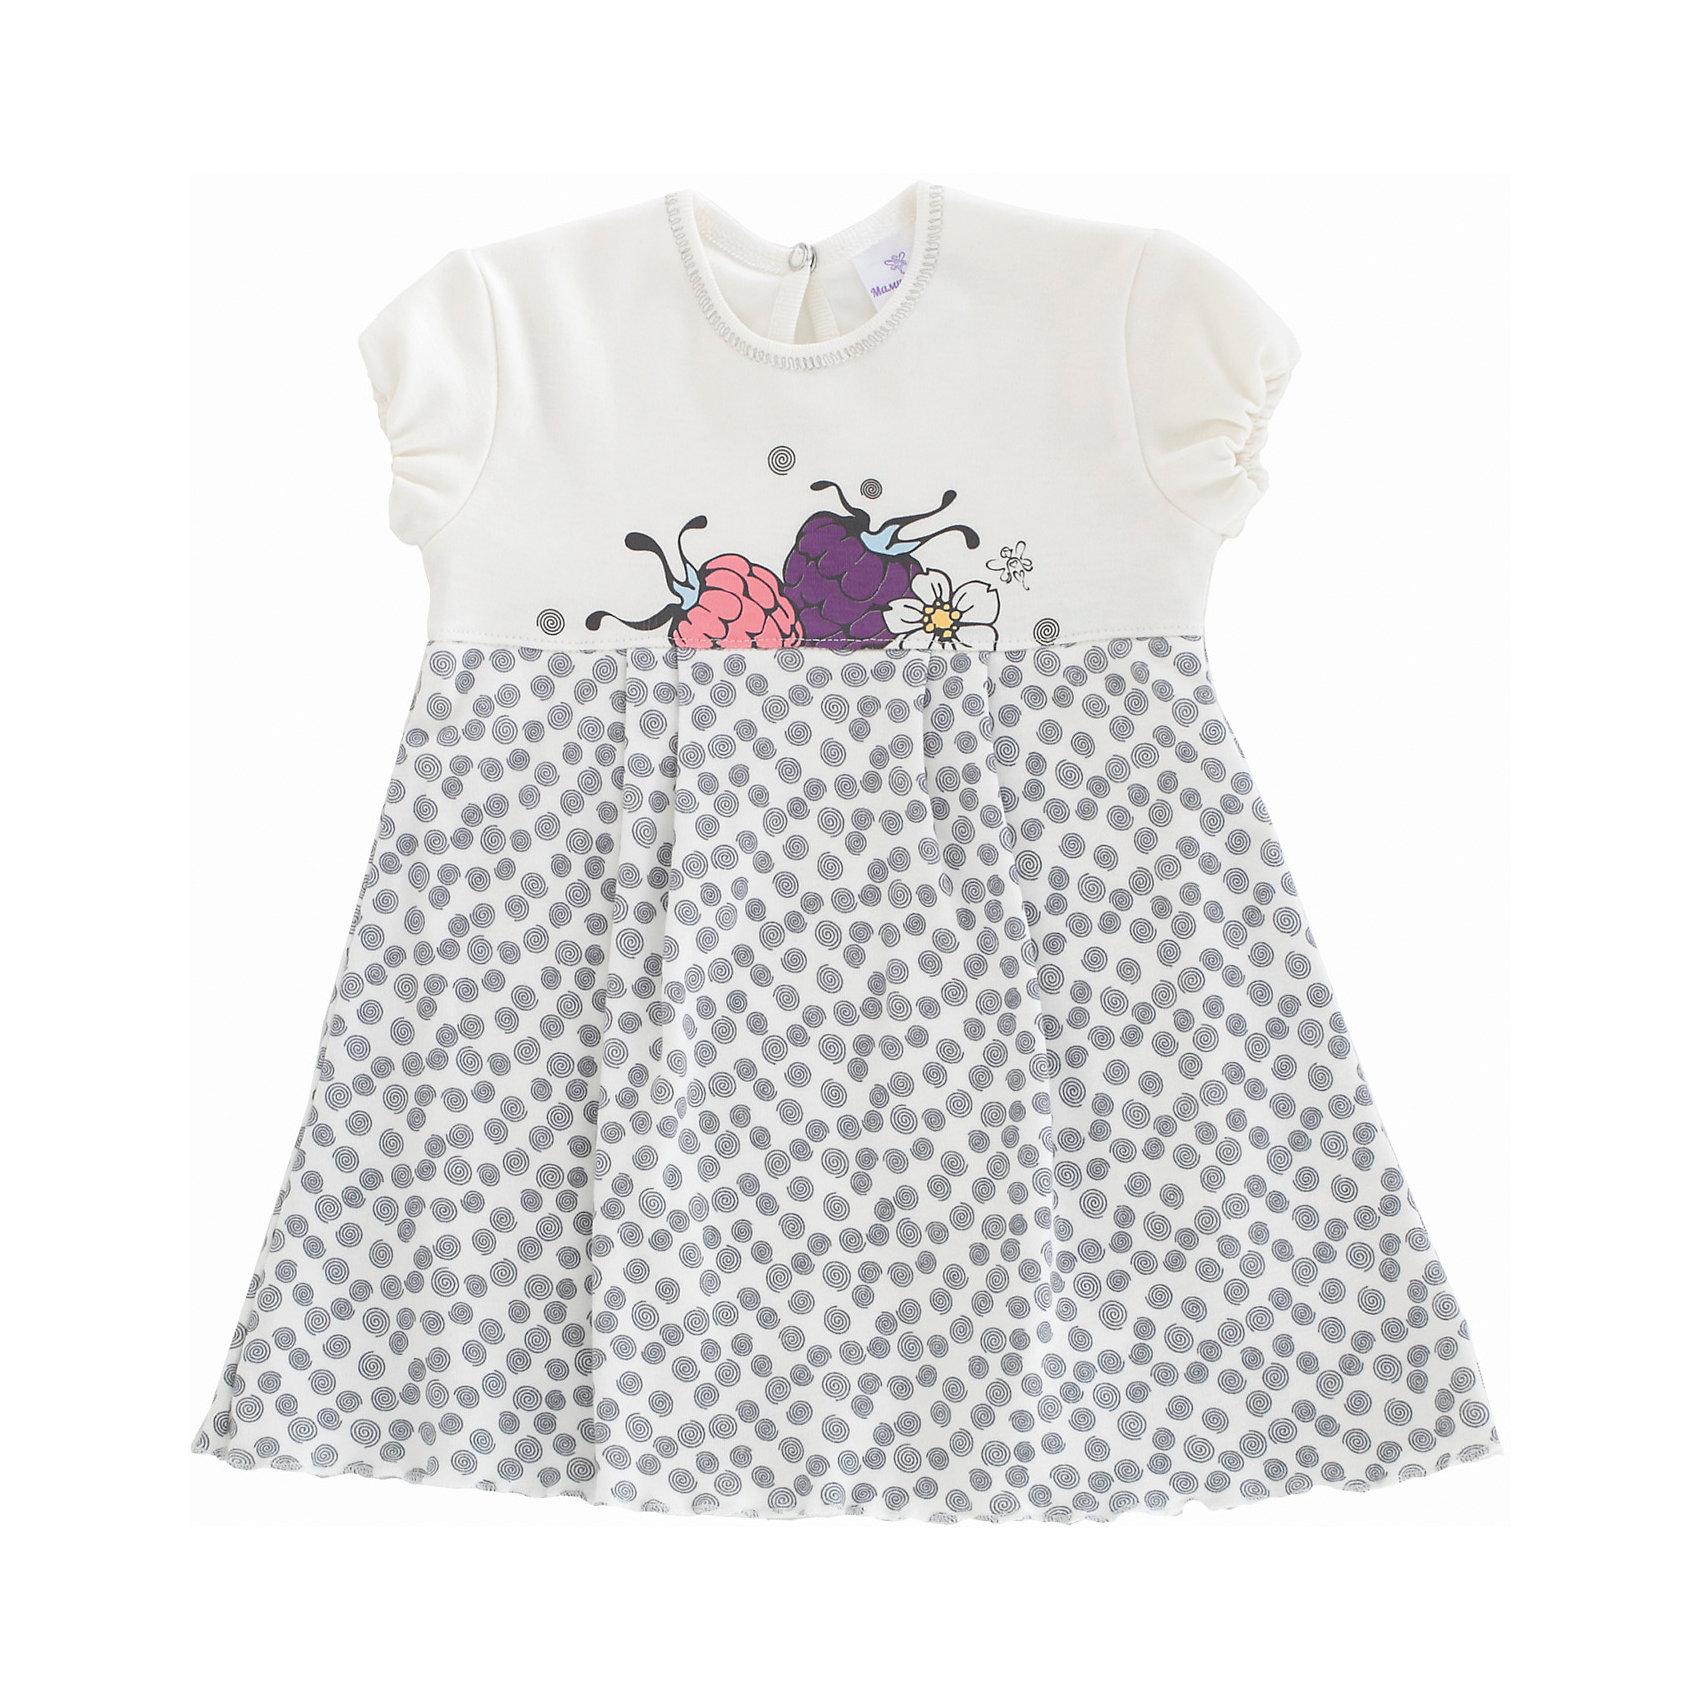 Боди-платье для девочки МамуляндияБоди-платье для девочки Мамуляндия<br>Боди-платье для девочки из дизайнерской коллекции Ягодки. Изготовлено из трикотажного полотна высшего качества.<br>Застёжка на кнопку из гипоаллергенного сплава без содержания никеля.<br>Гипоаллергенный принт на водной основе.<br>Удобное расположение кнопок для переодевания ребенка или смены подгузника. <br><br>Состав 100% хлопок (интерлок-пенье). <br>Рекомендации по уходу: стирать при 40 С, гладить при средней температуре, носить с удовольствием!<br>Состав:<br>100% хлопок<br><br>Ширина мм: 157<br>Глубина мм: 13<br>Высота мм: 119<br>Вес г: 200<br>Цвет: серый<br>Возраст от месяцев: 12<br>Возраст до месяцев: 18<br>Пол: Женский<br>Возраст: Детский<br>Размер: 86,80,62,68,74<br>SKU: 5513673